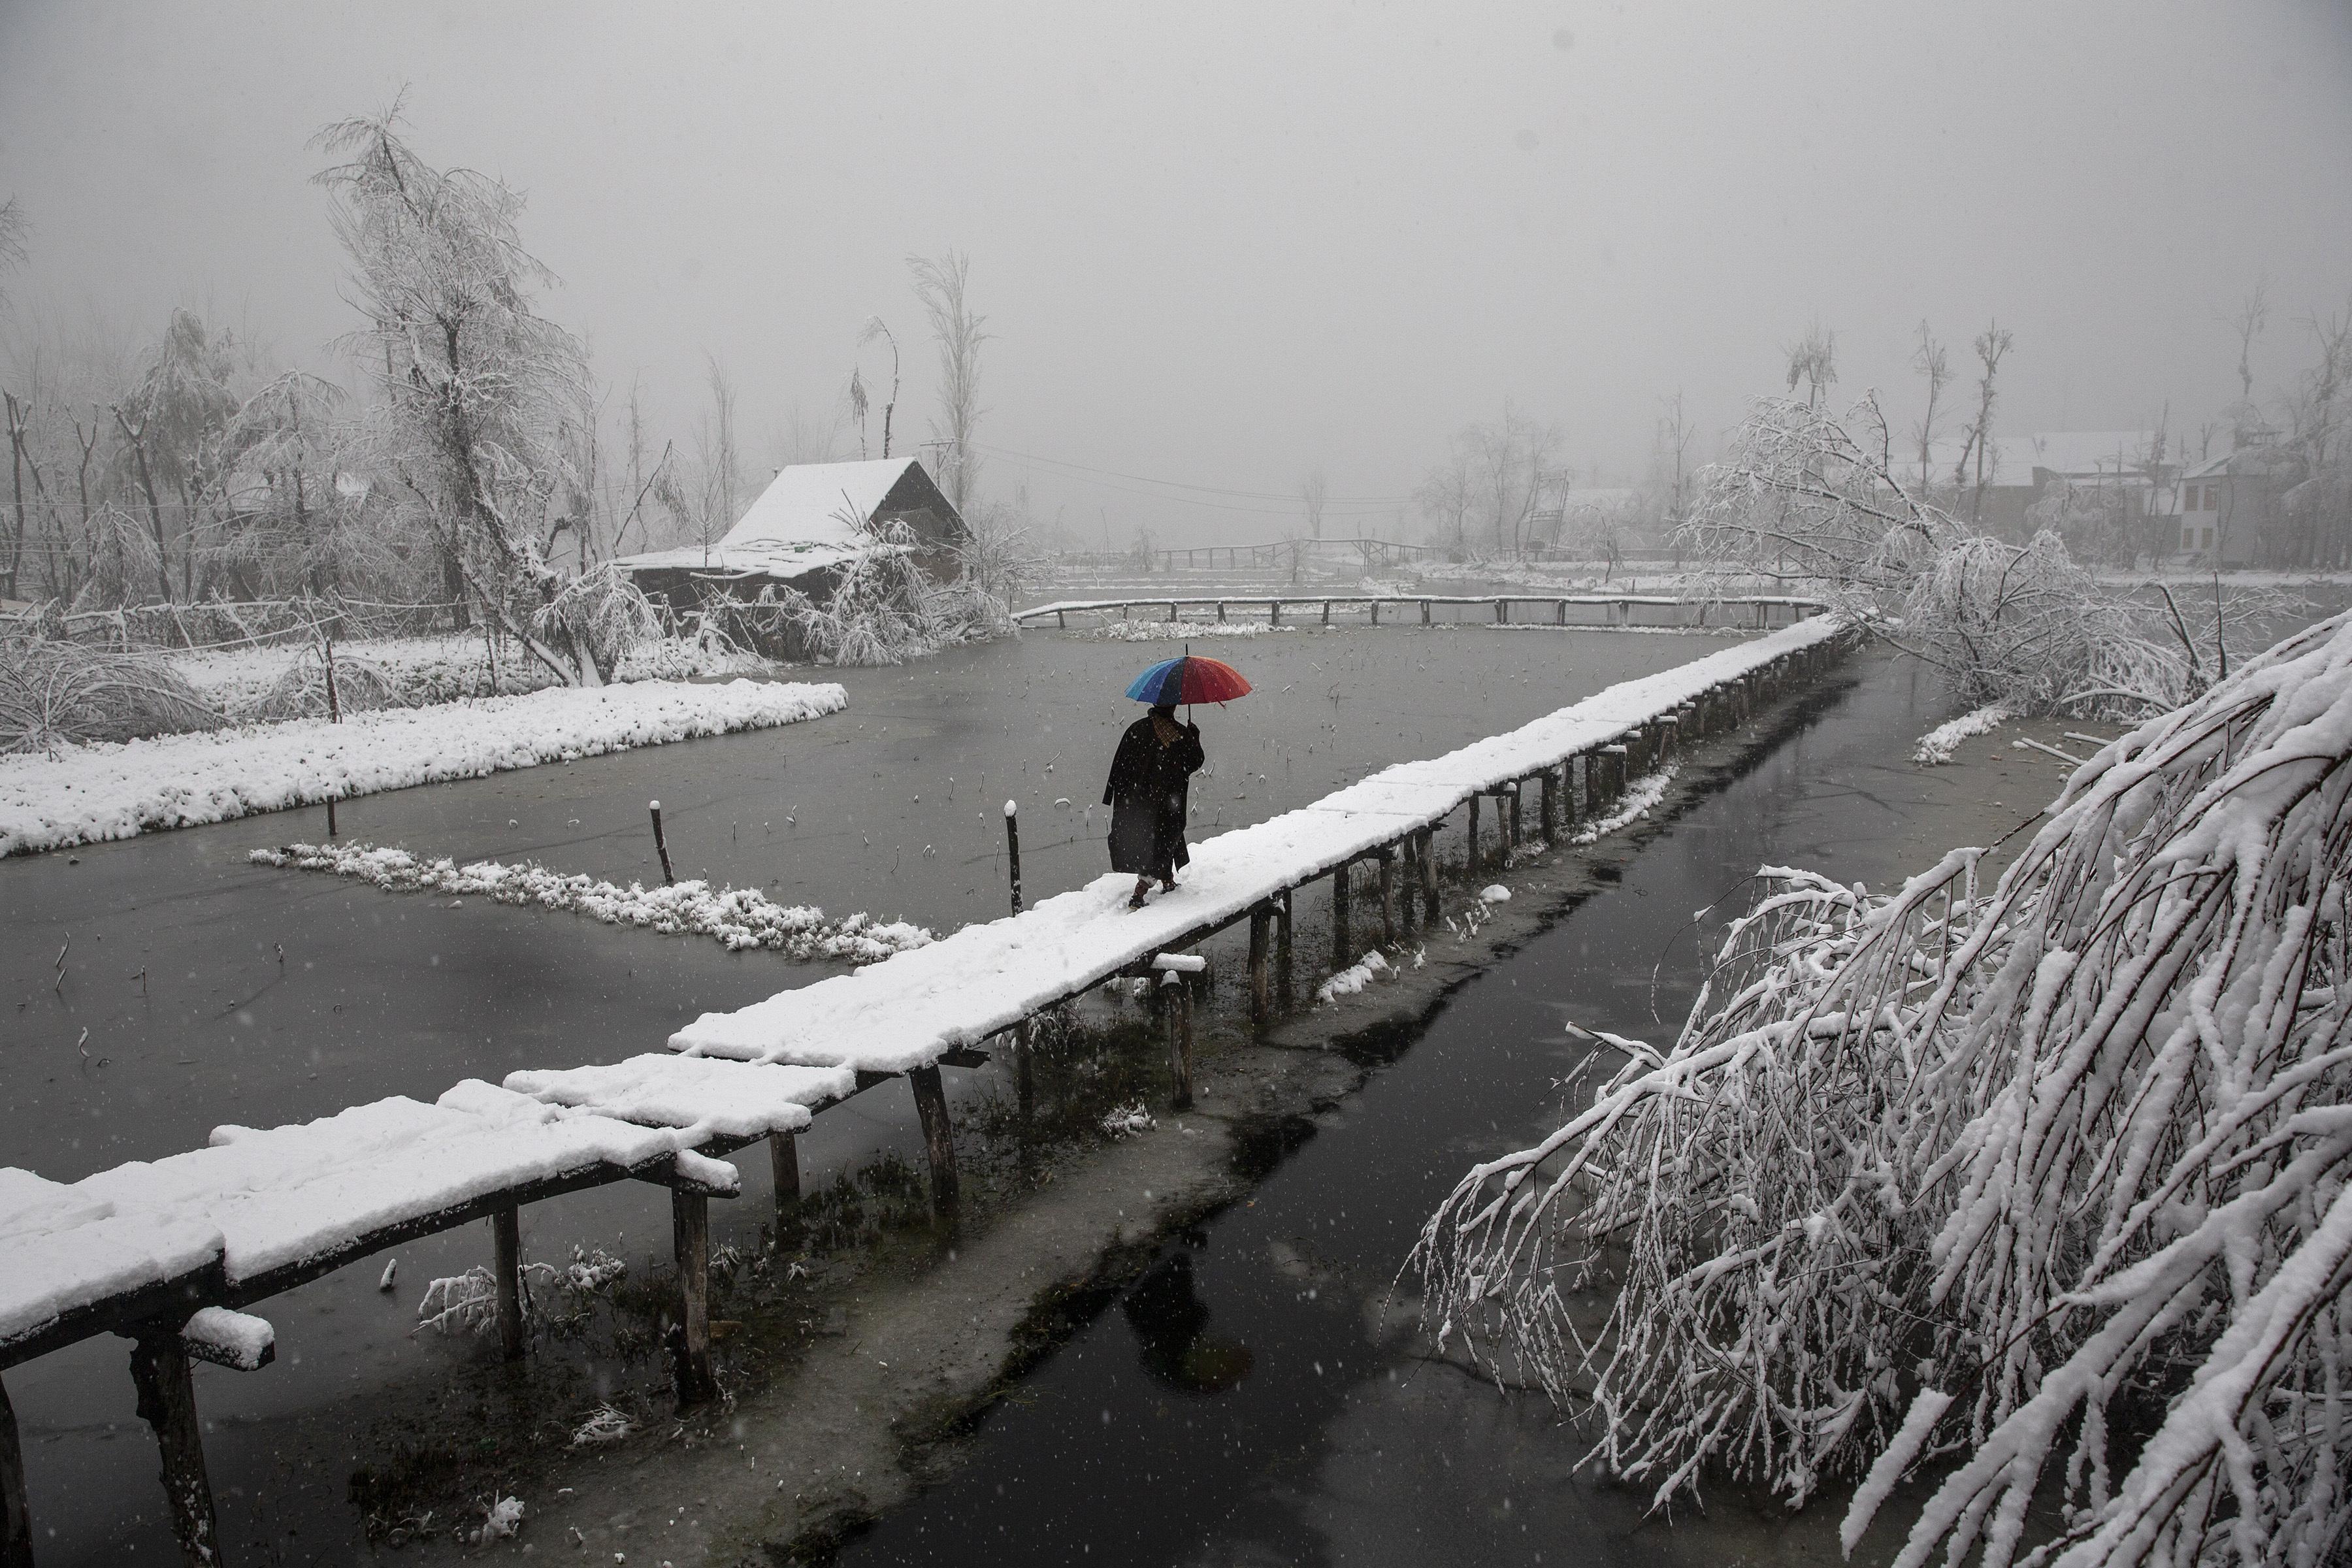 Un hombre de Cachemira camina sobre una pasarela cubierta de nieve mientras nieva en el interior del lago Dal en Srinagar, Cachemira controlada por la India, el 13 de diciembre de 2019. (Foto AP / Dar Yasin)